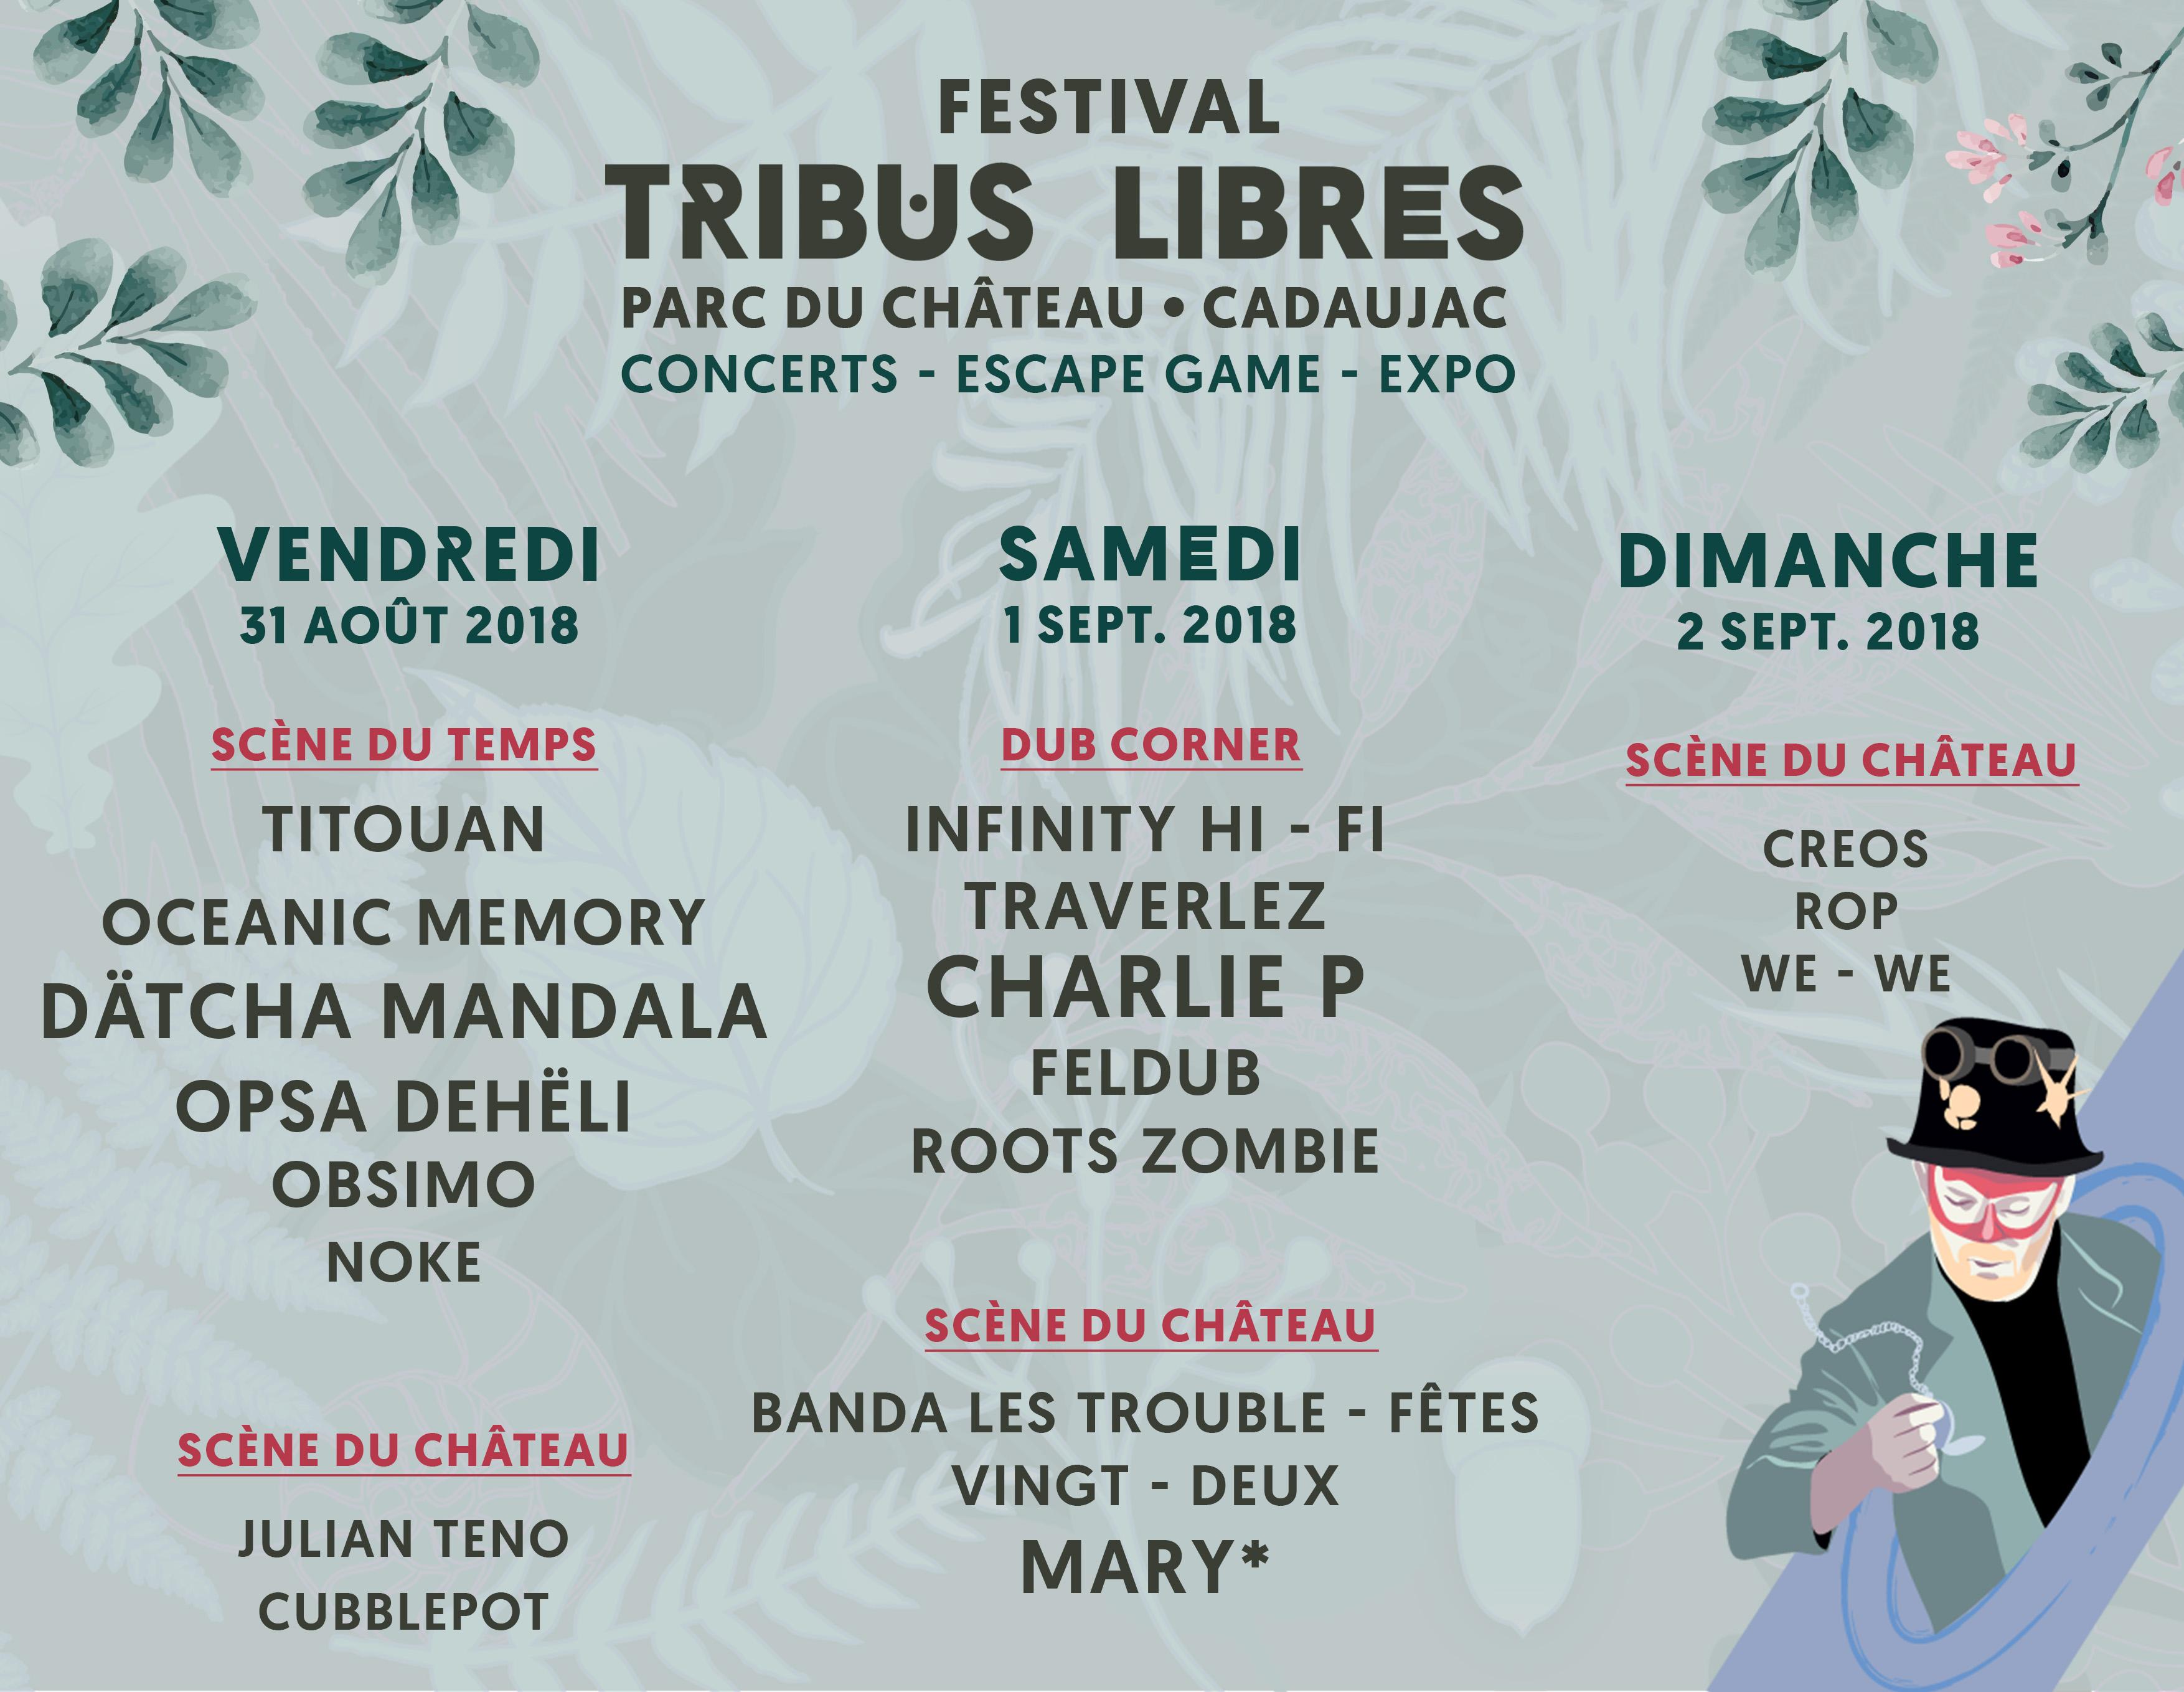 programme tribus libres 2018 cadaujac parc du château